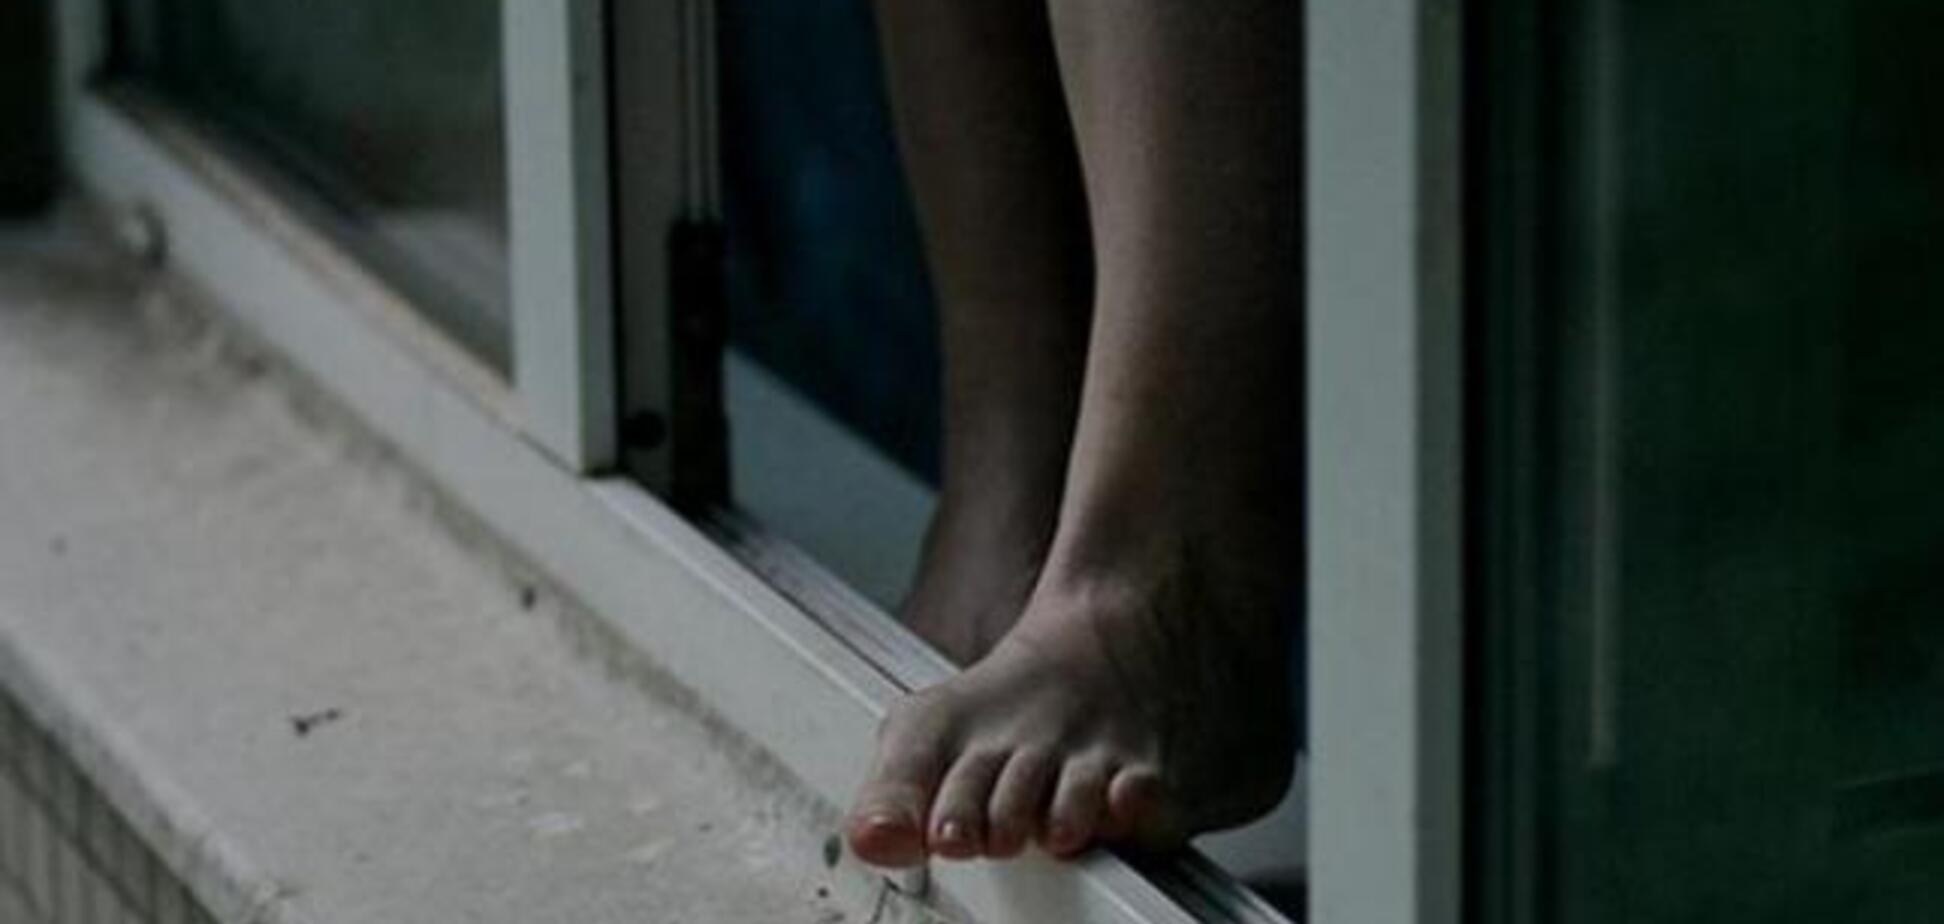 В Кривом Роге девушка выпрыгнула из окна роддома. Фото 18+